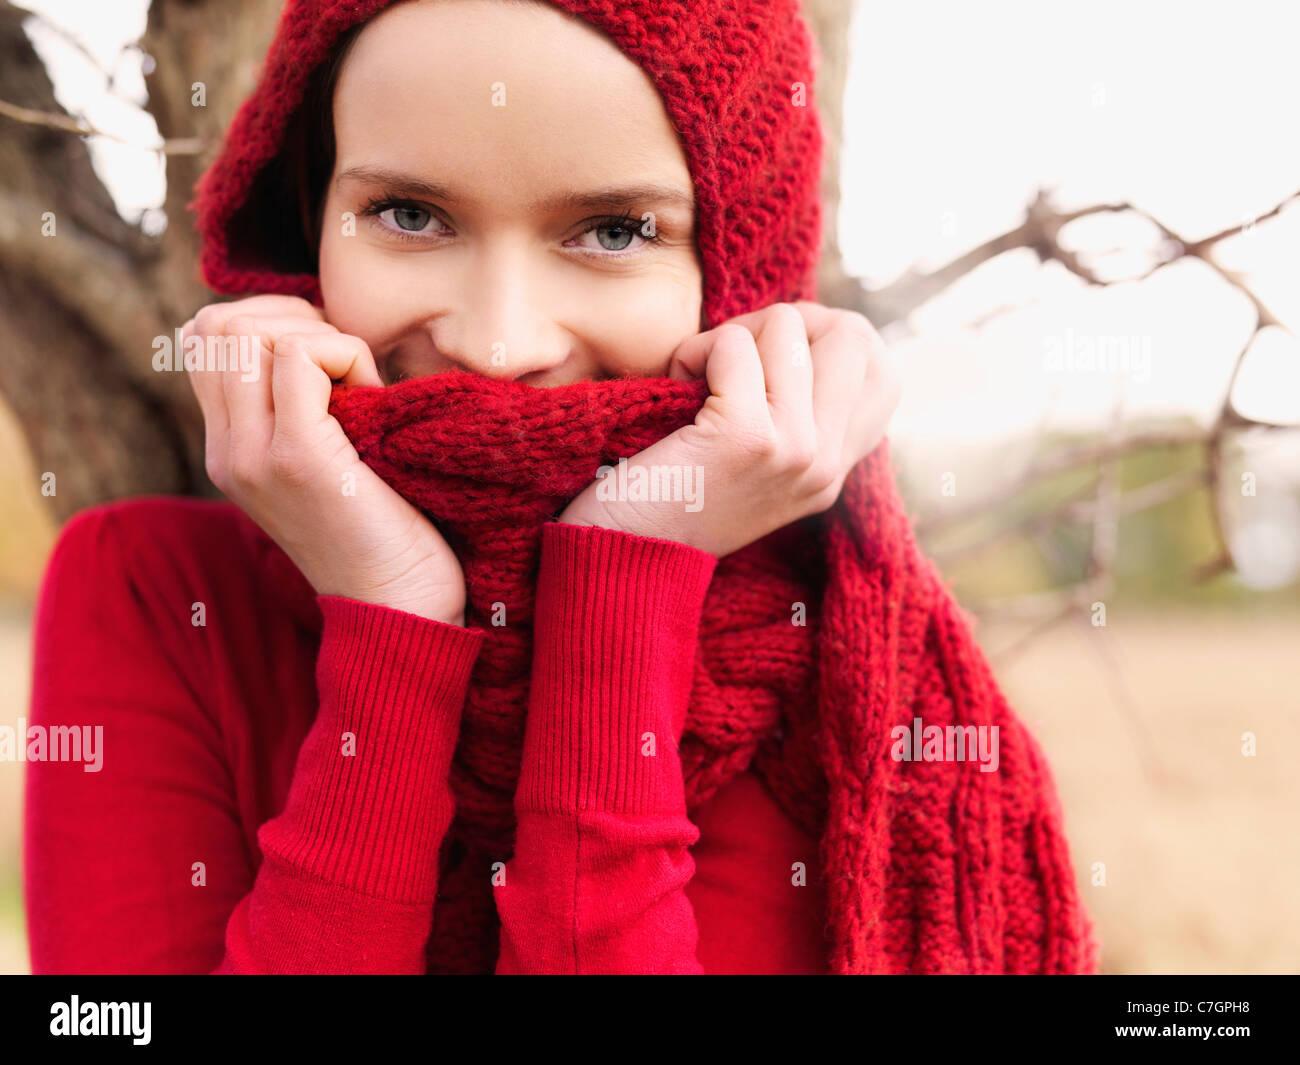 Una mujer mirando alegremente a la cámara Imagen De Stock